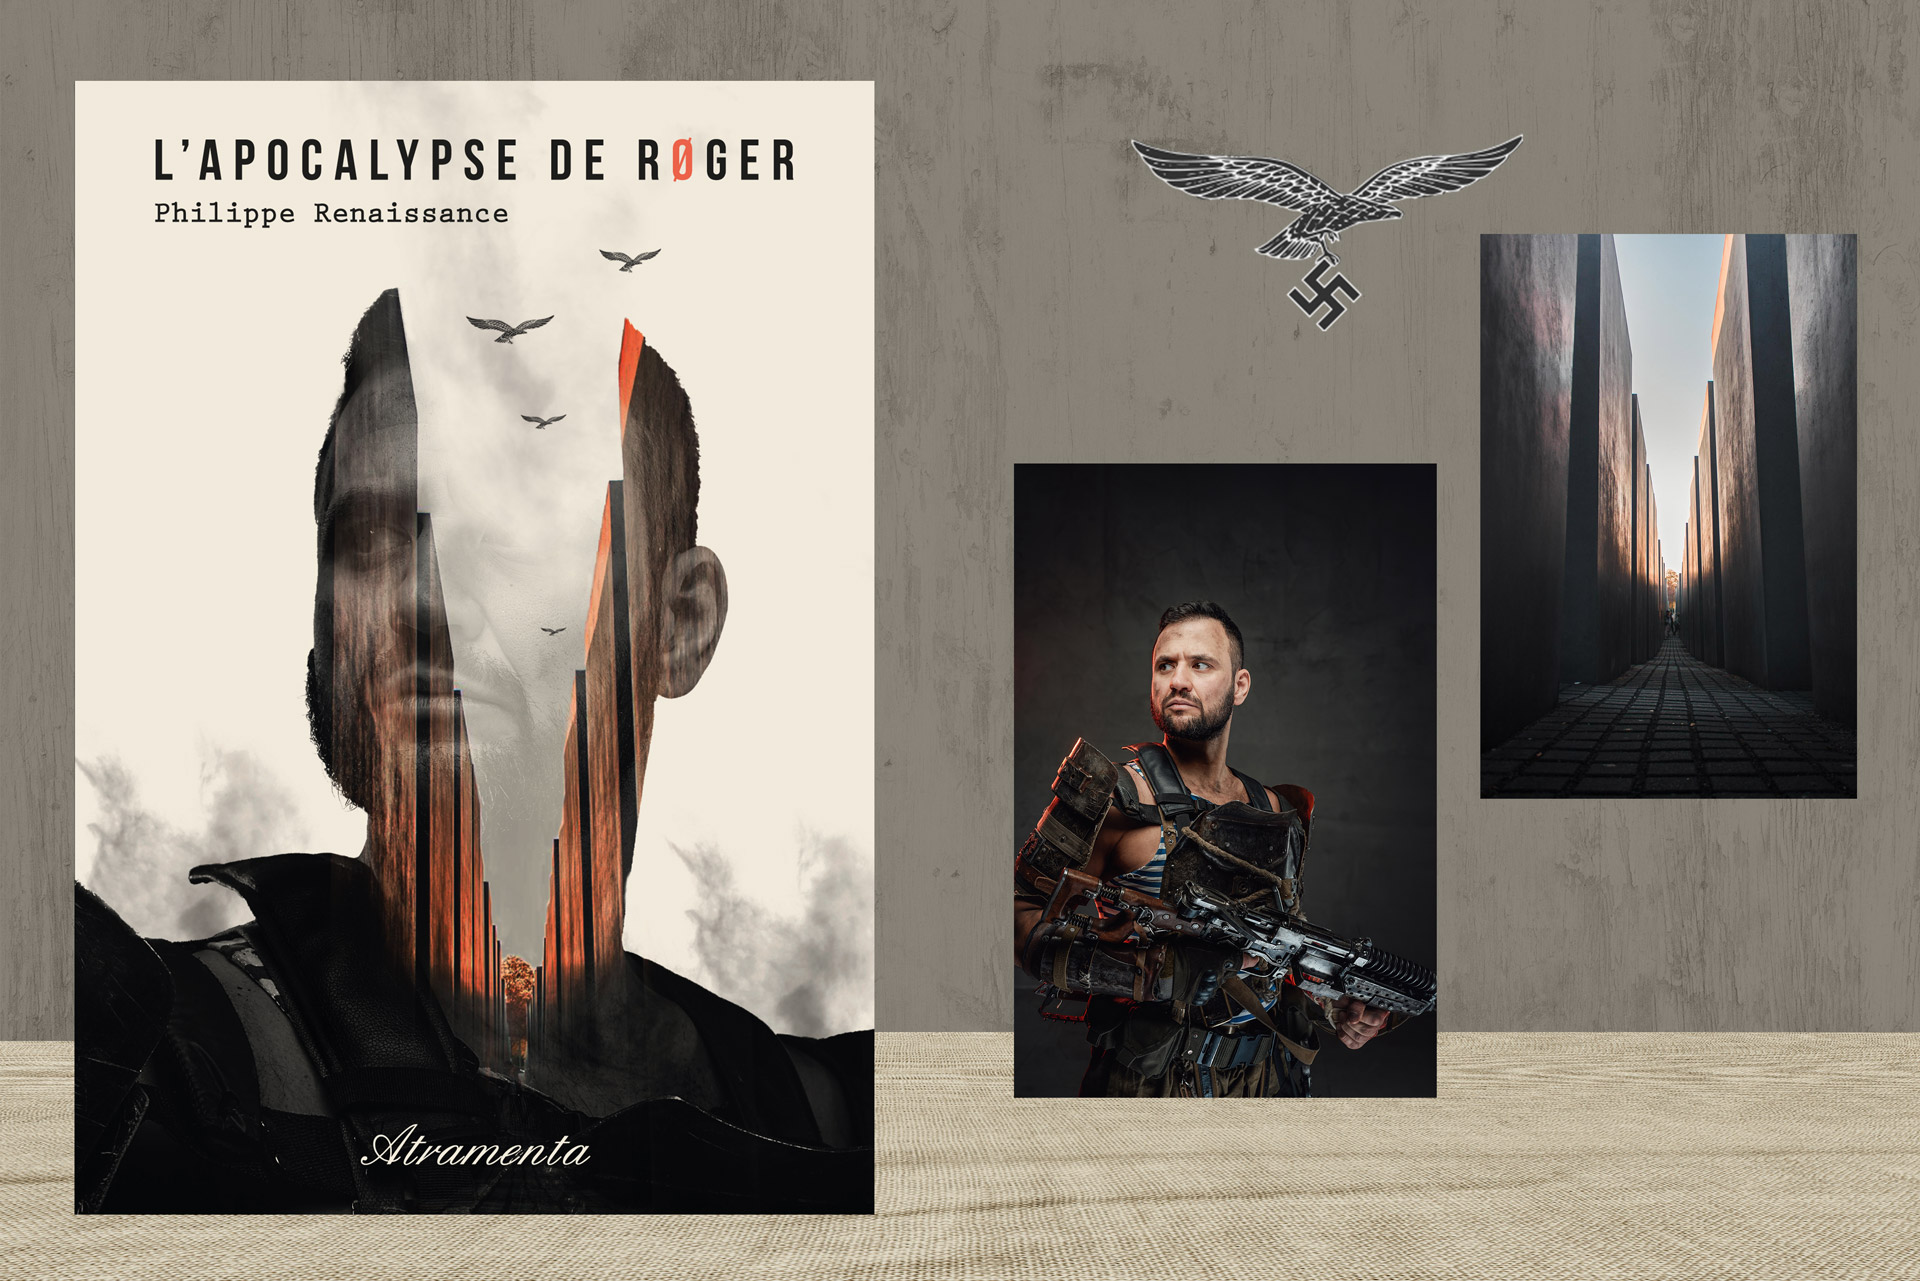 Couverture de livre SF en double exposition